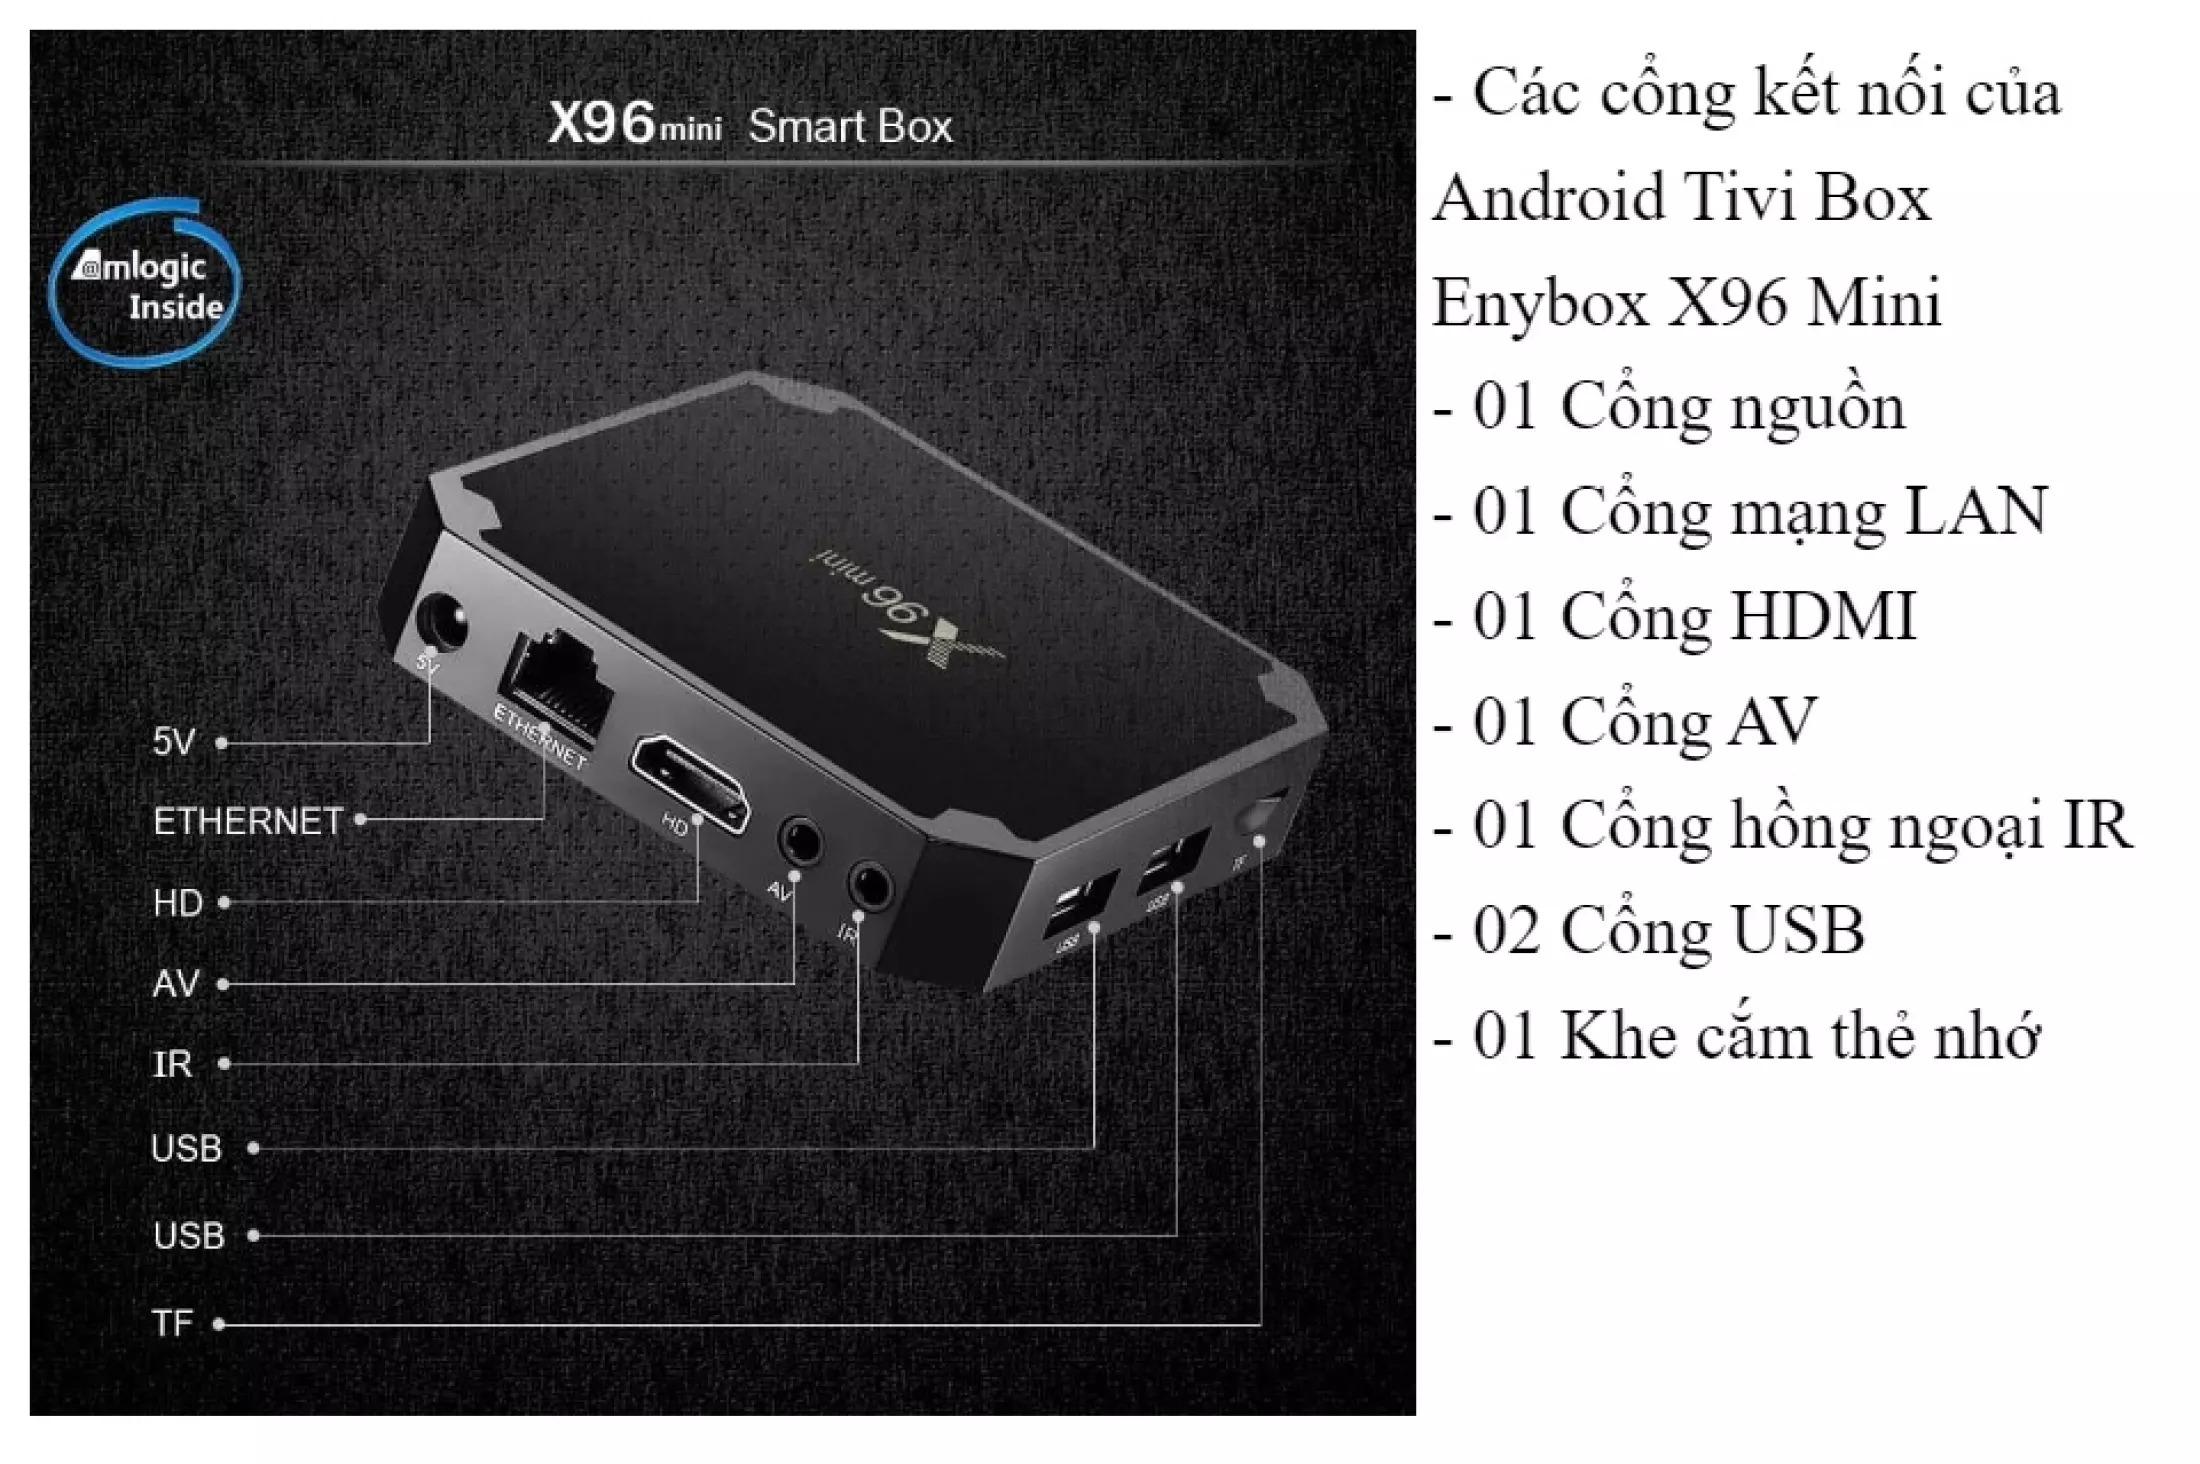 Android tivi box x96 mini mới có điều khiển cử chỉ và giọng nói tiếng việt Ram 2G Rom 16G cài sẵn các ứng dụng giải trí